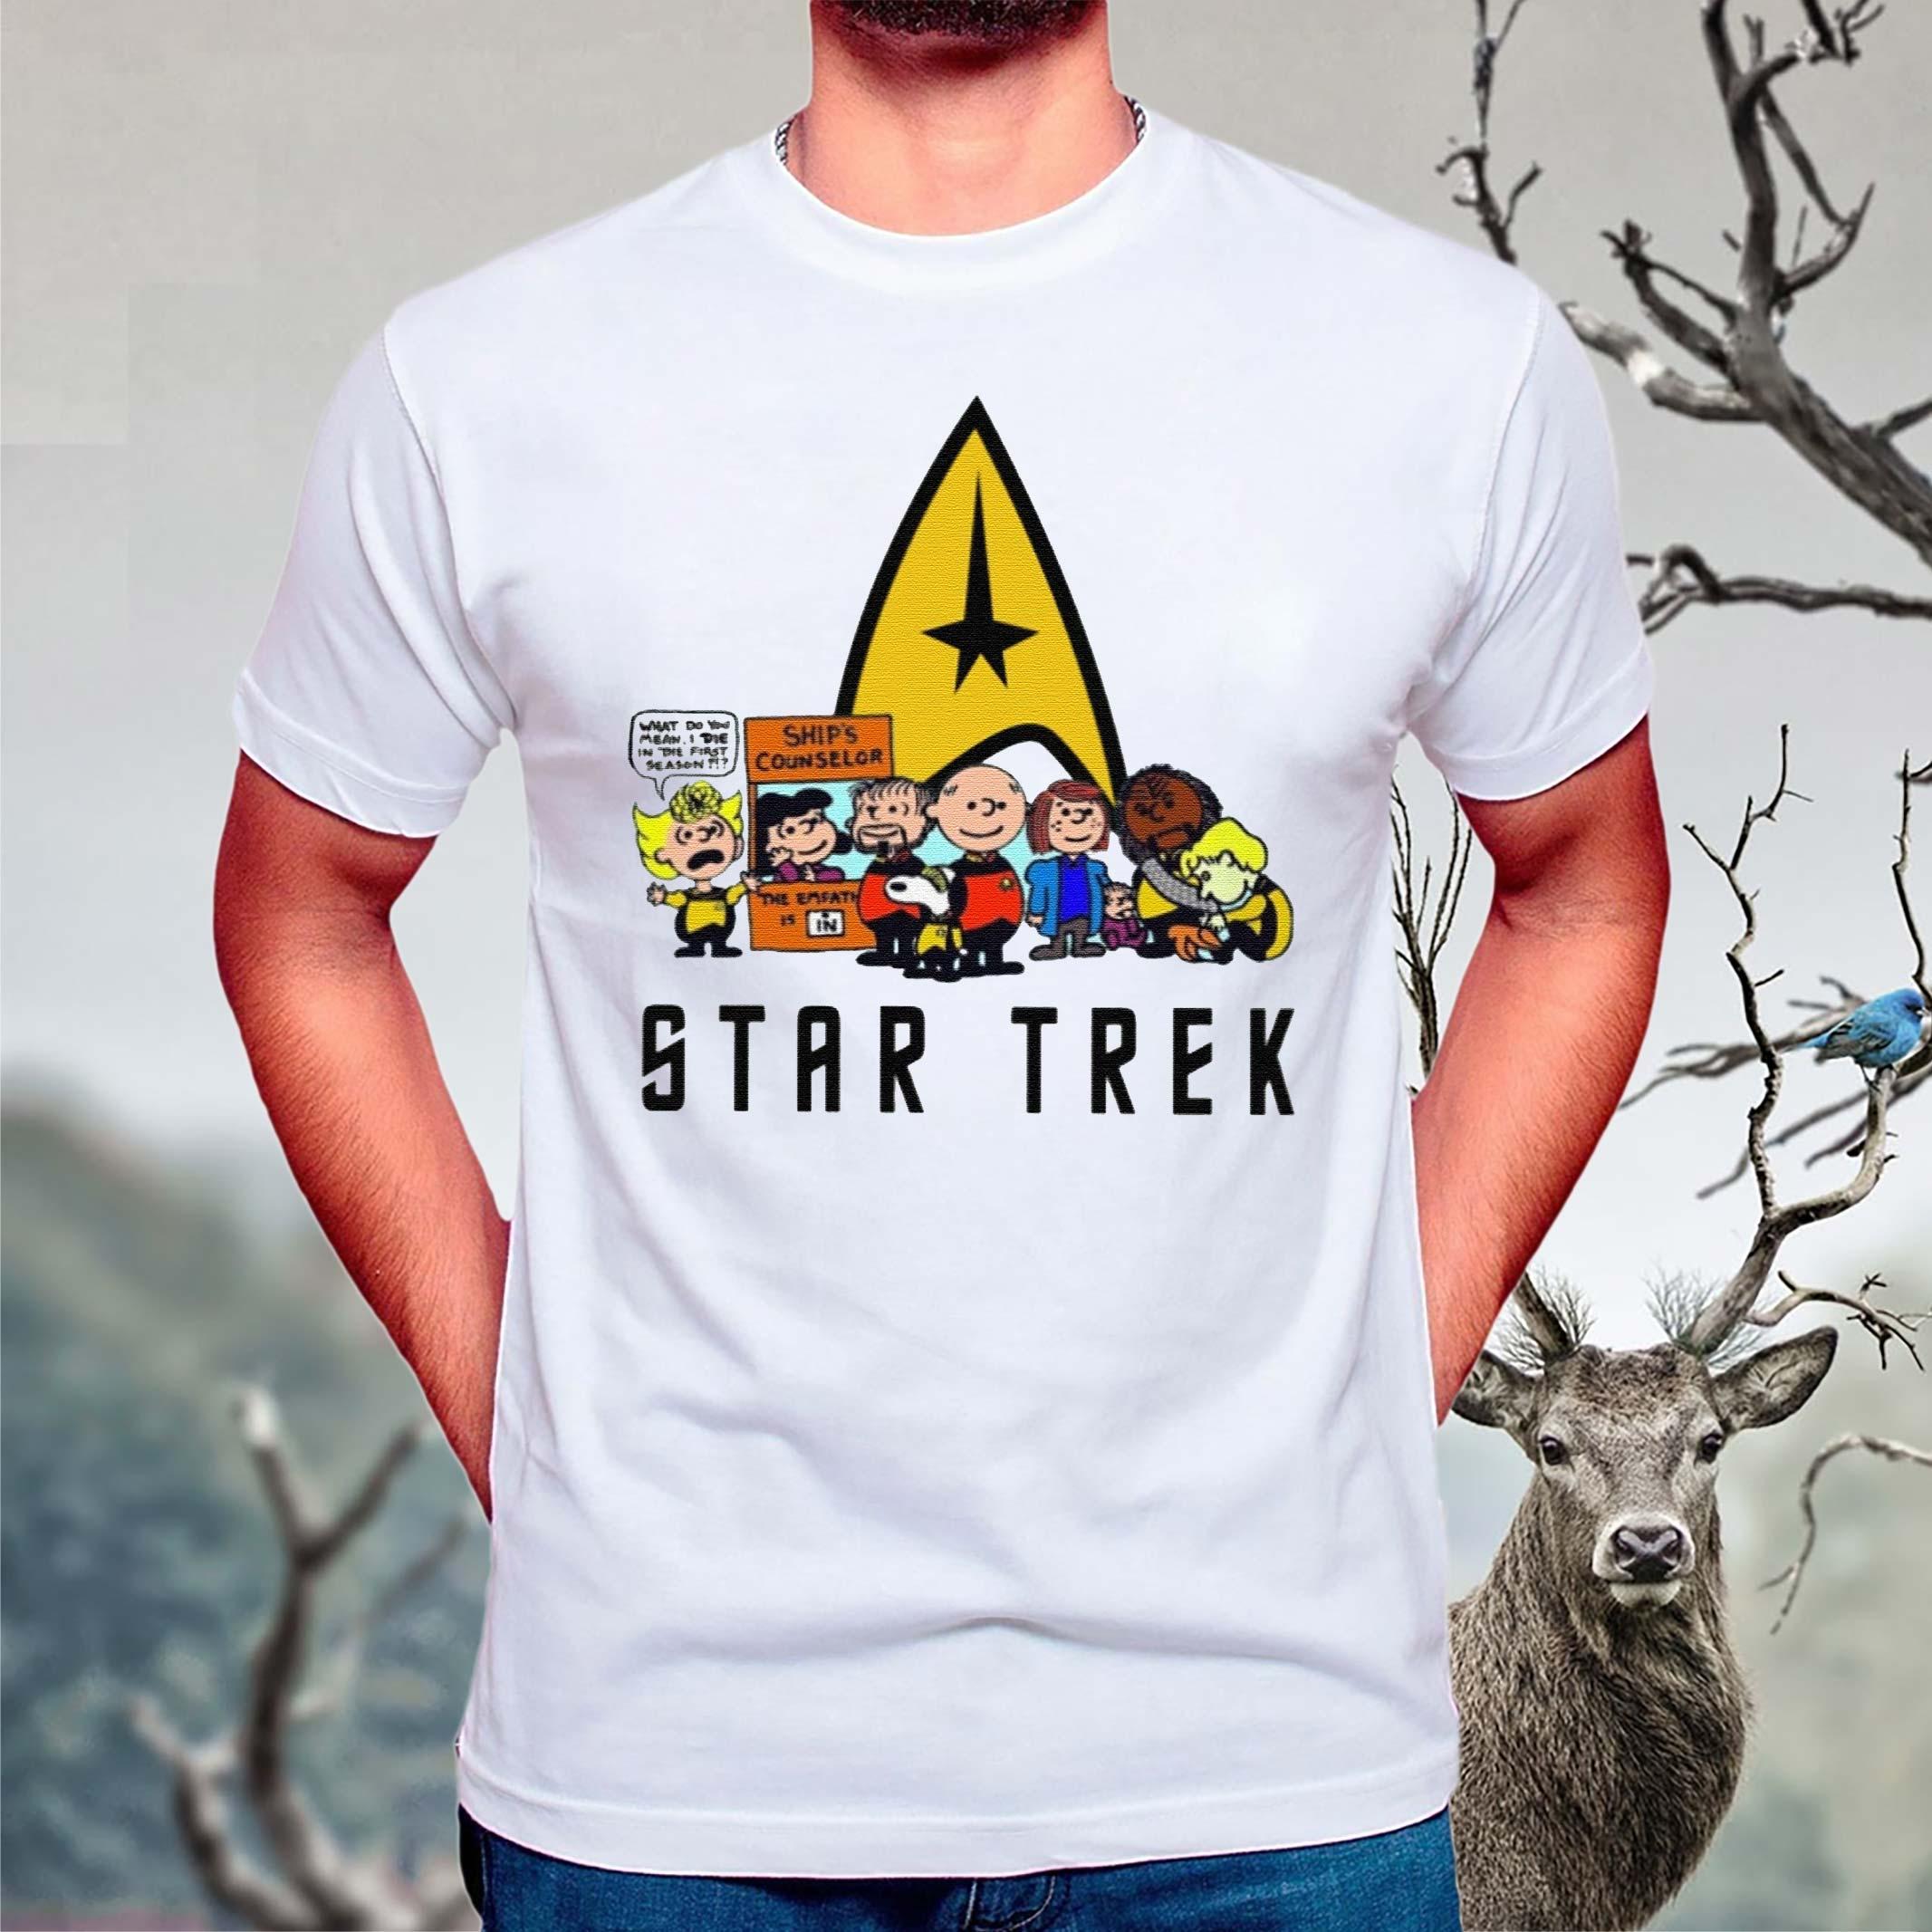 The-Peanuts-Characters-Cartoon-Star-Trek-Shirt